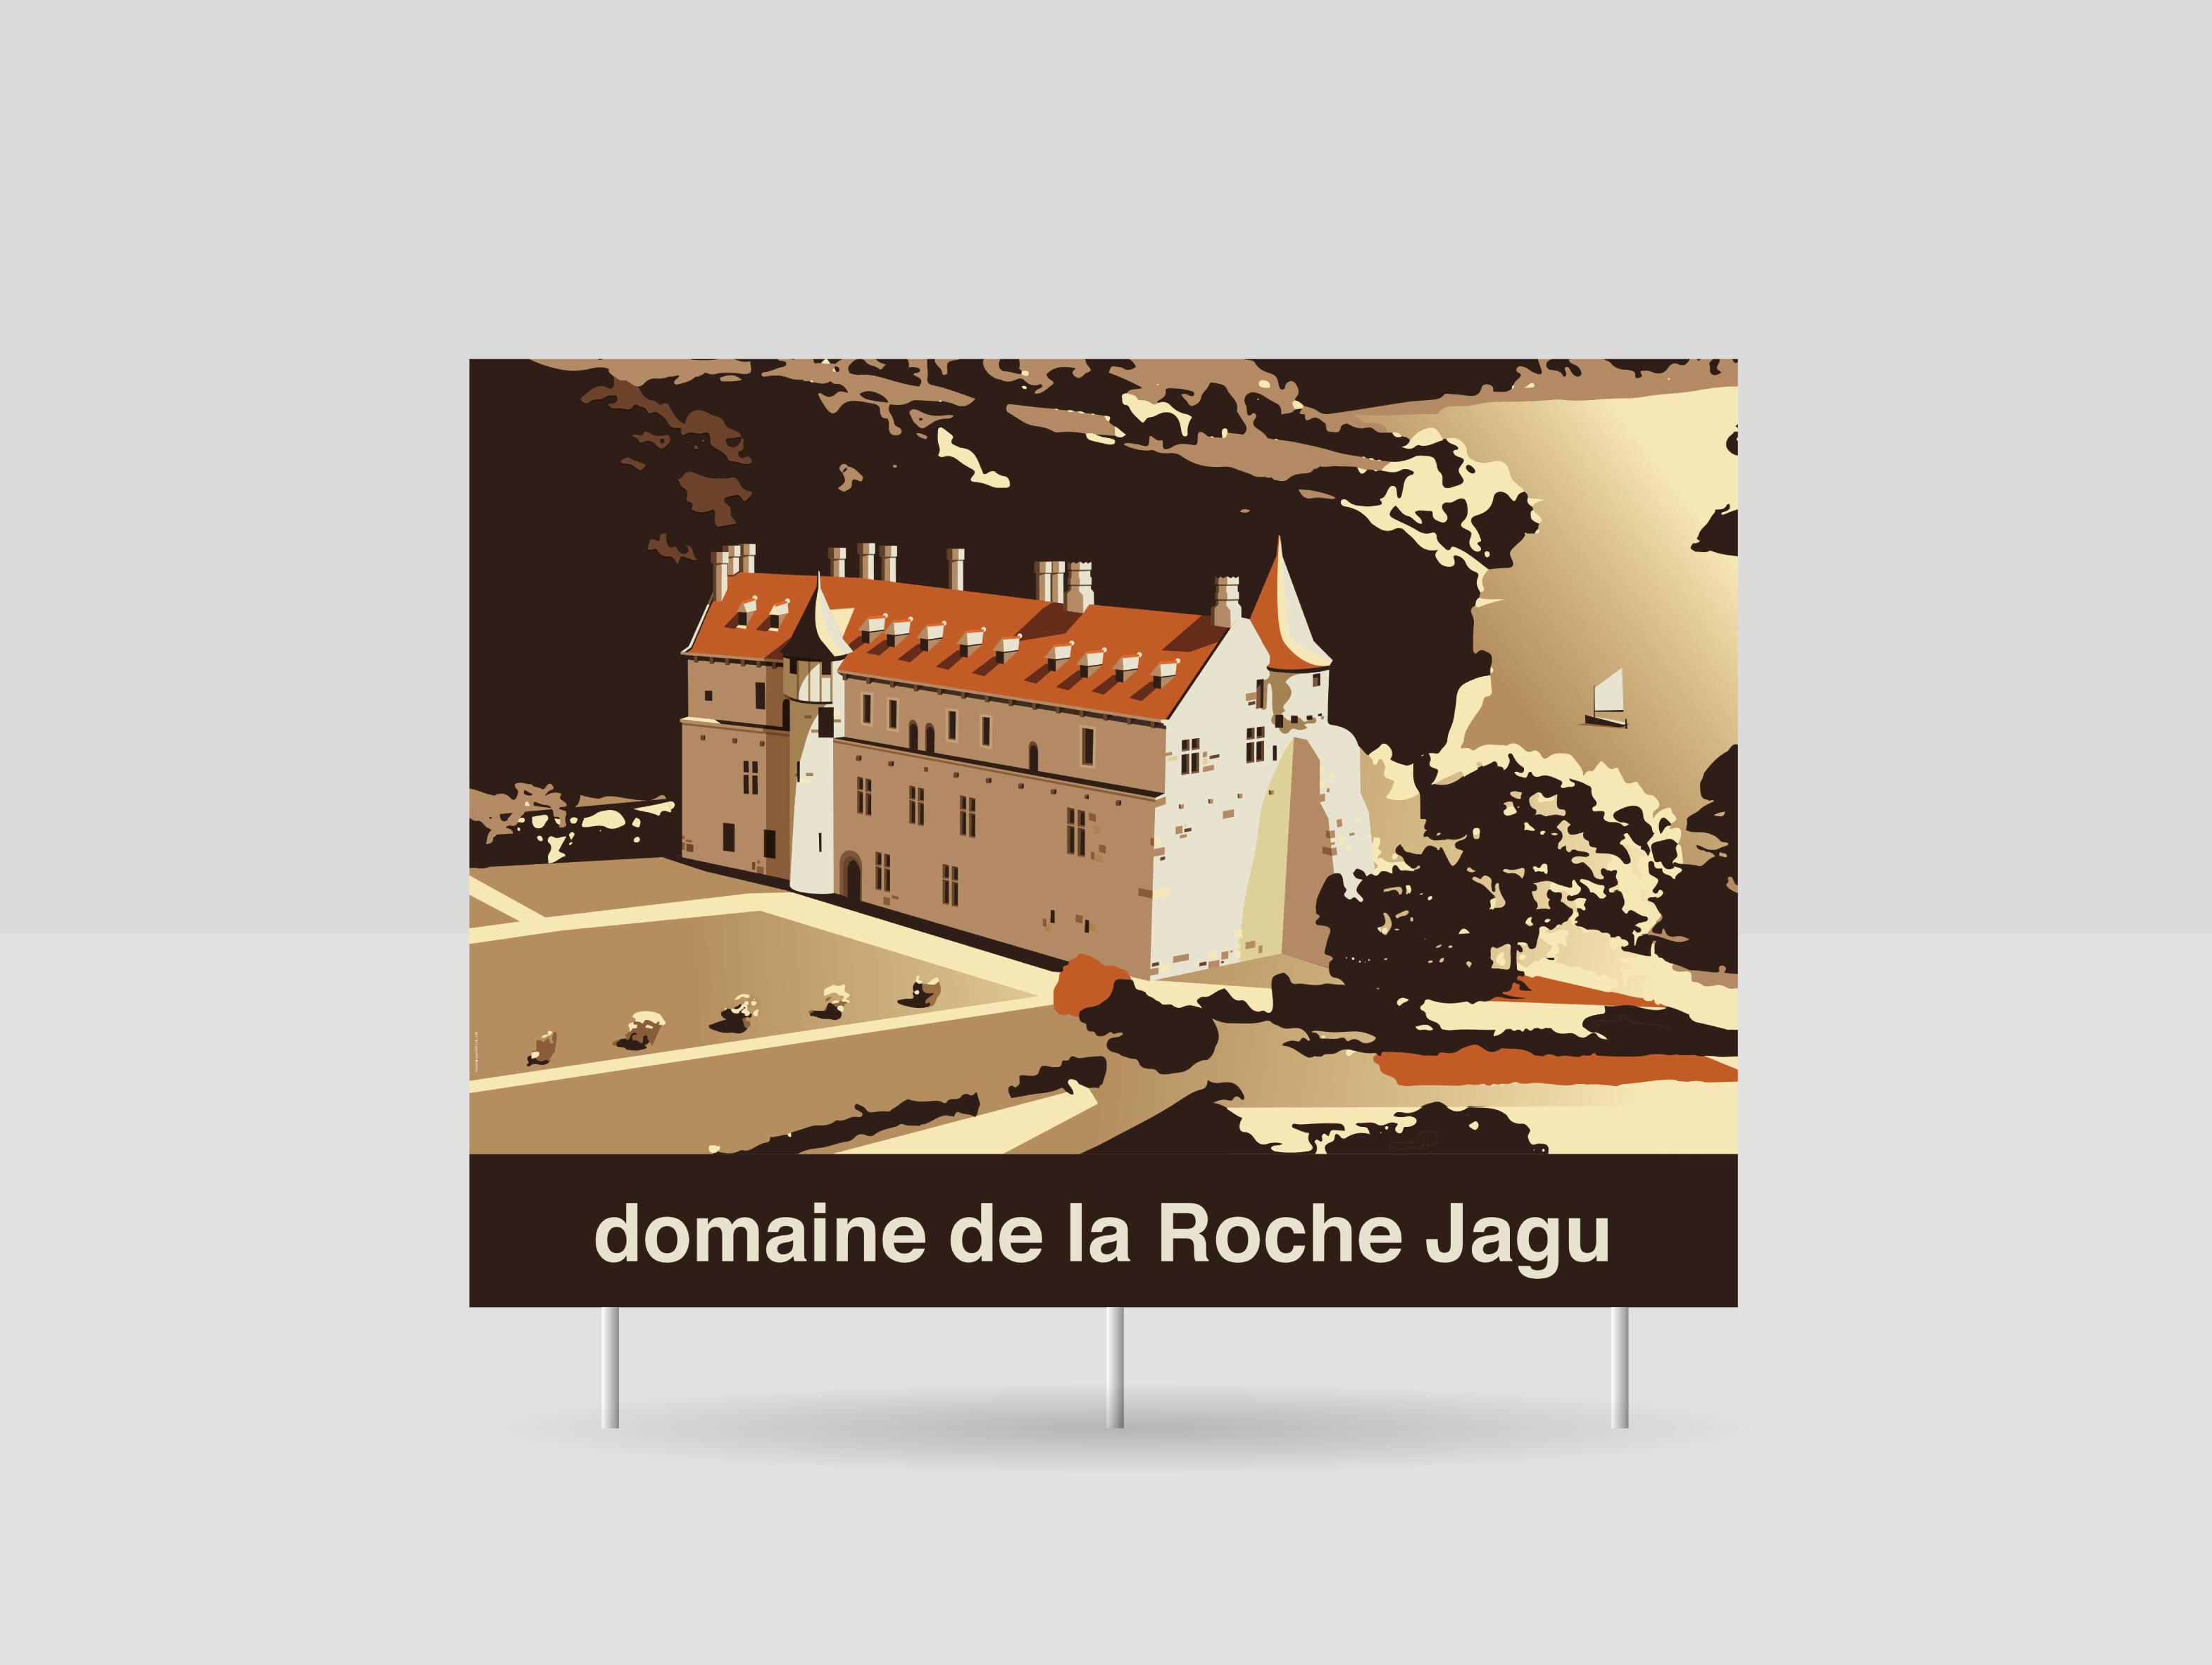 Conseil départemental des côtes d'armor Panneaux touristiques — illustration